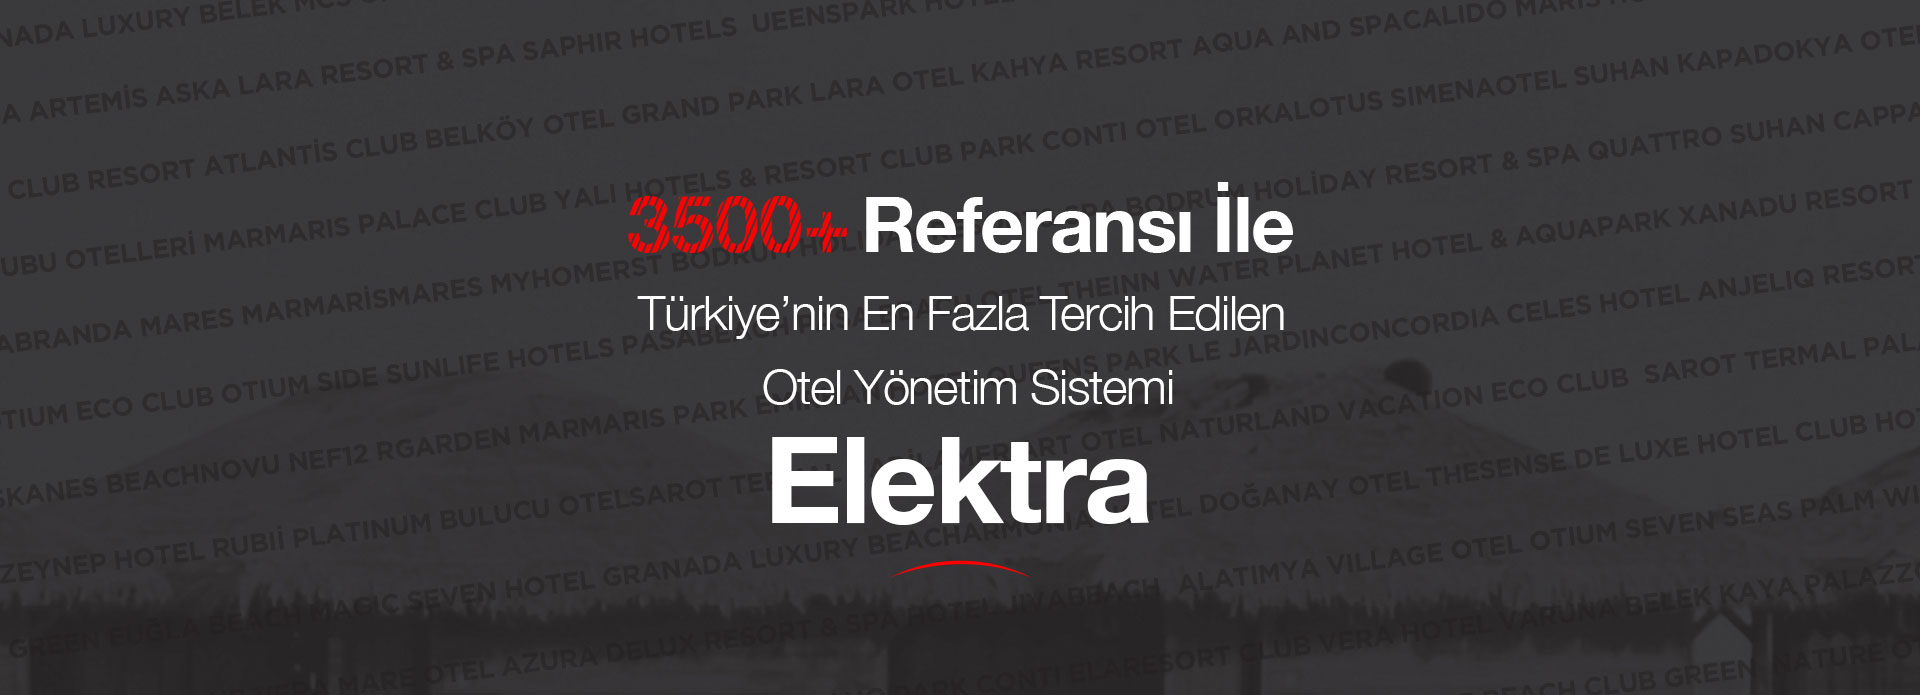 Elektra en çok tercih edilen otel programı